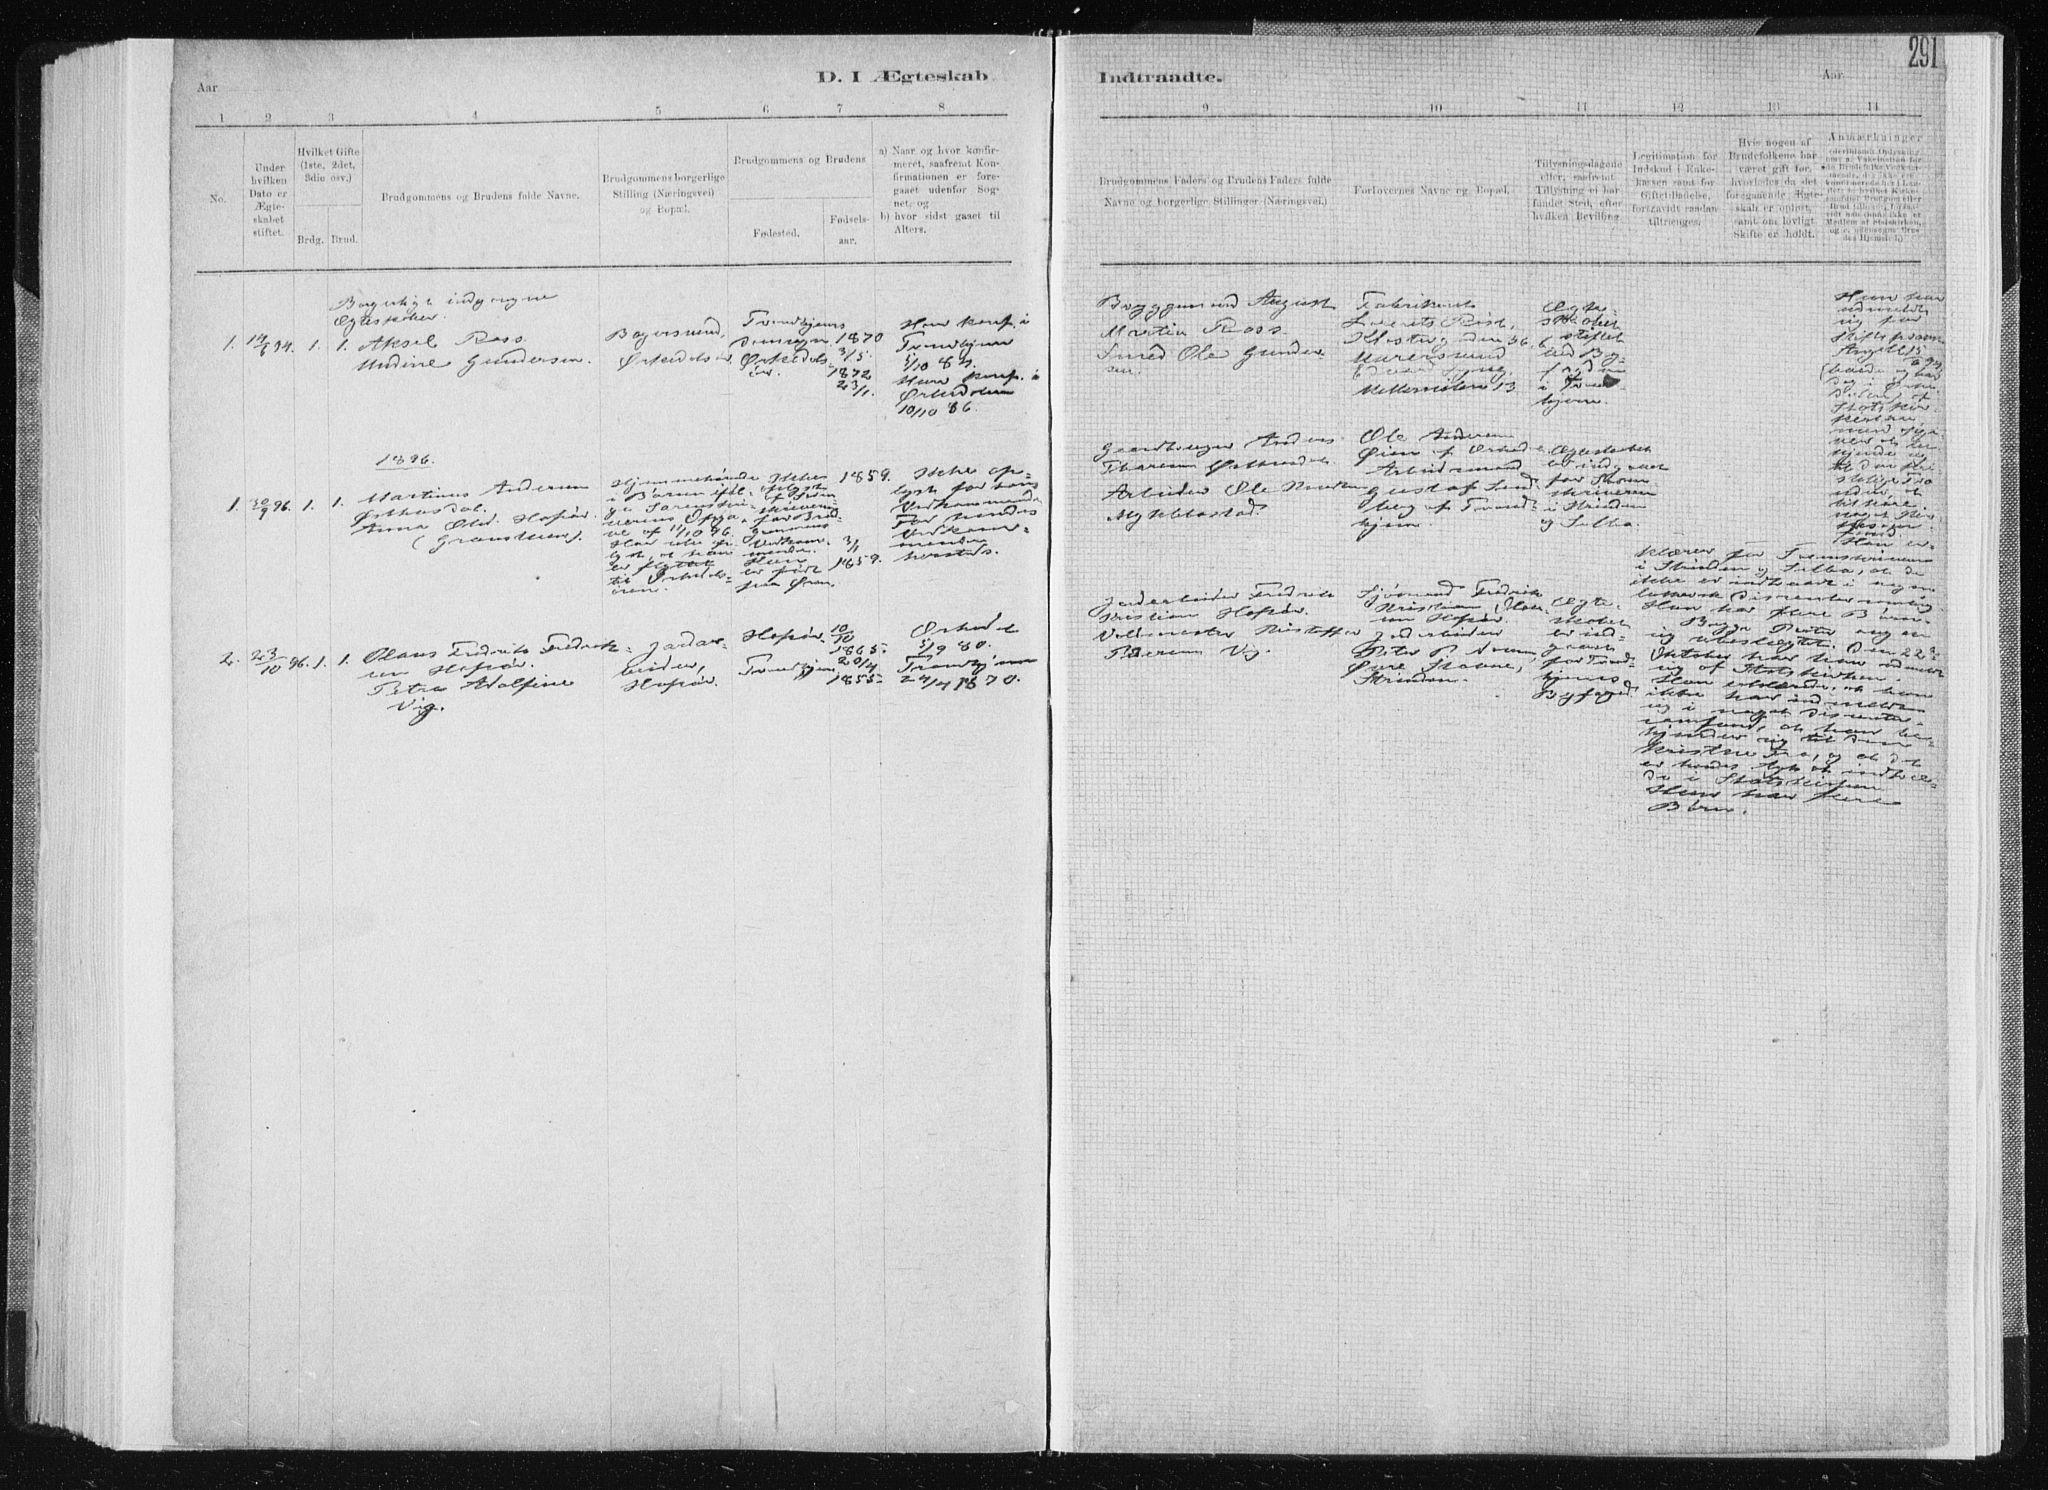 SAT, Ministerialprotokoller, klokkerbøker og fødselsregistre - Sør-Trøndelag, 668/L0818: Klokkerbok nr. 668C07, 1885-1898, s. 291